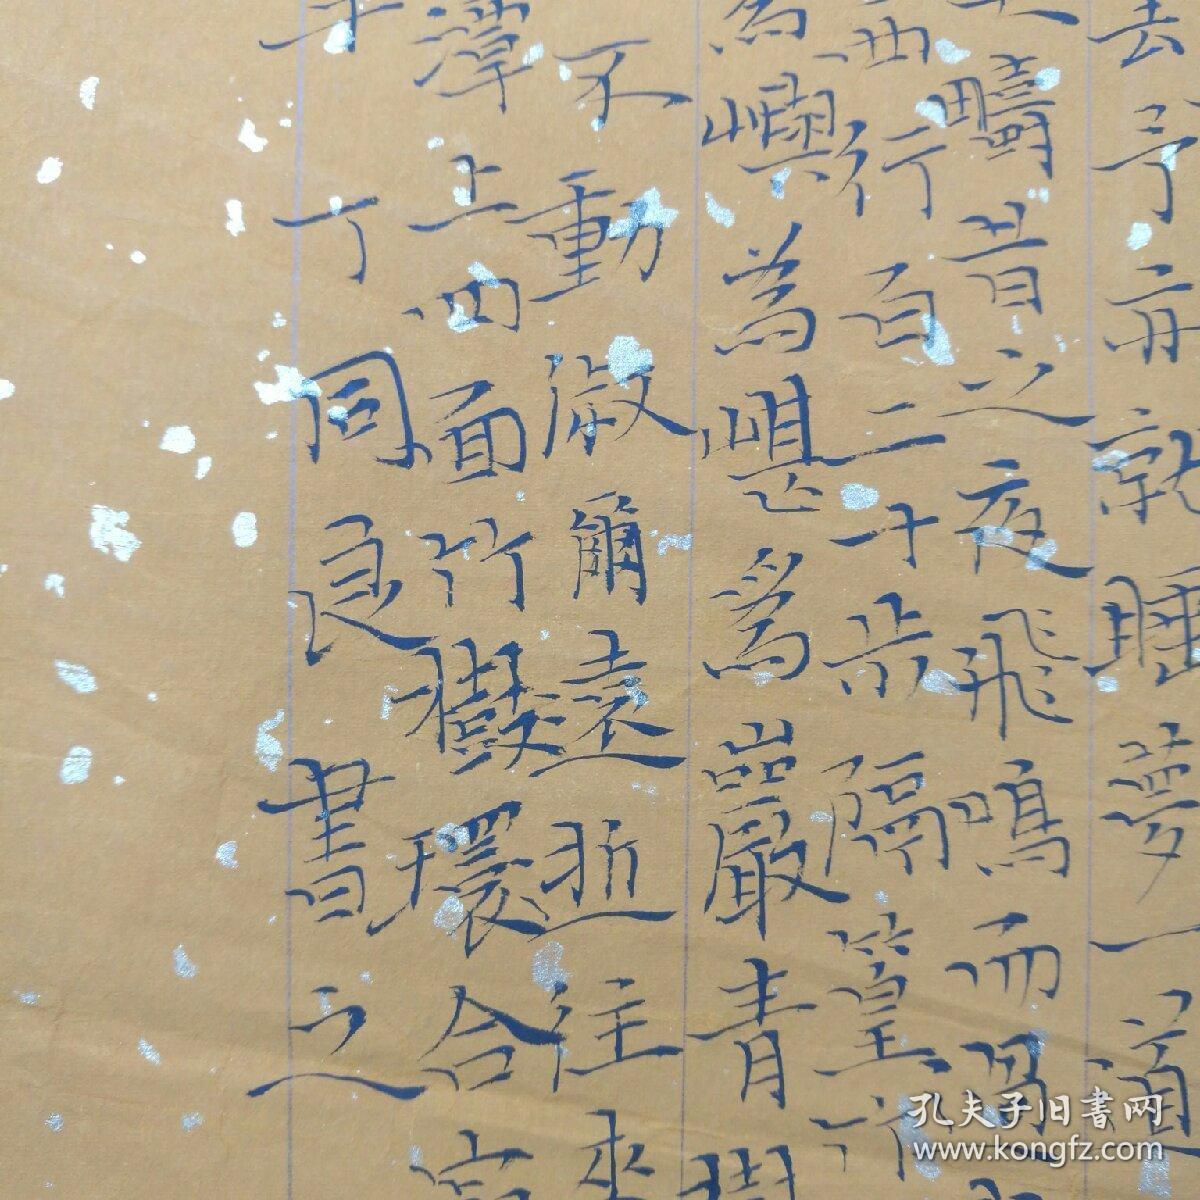 保真字畫【丁同良】(中國書協會員)~~全國第三屆扇面書法藝術展投稿圖片